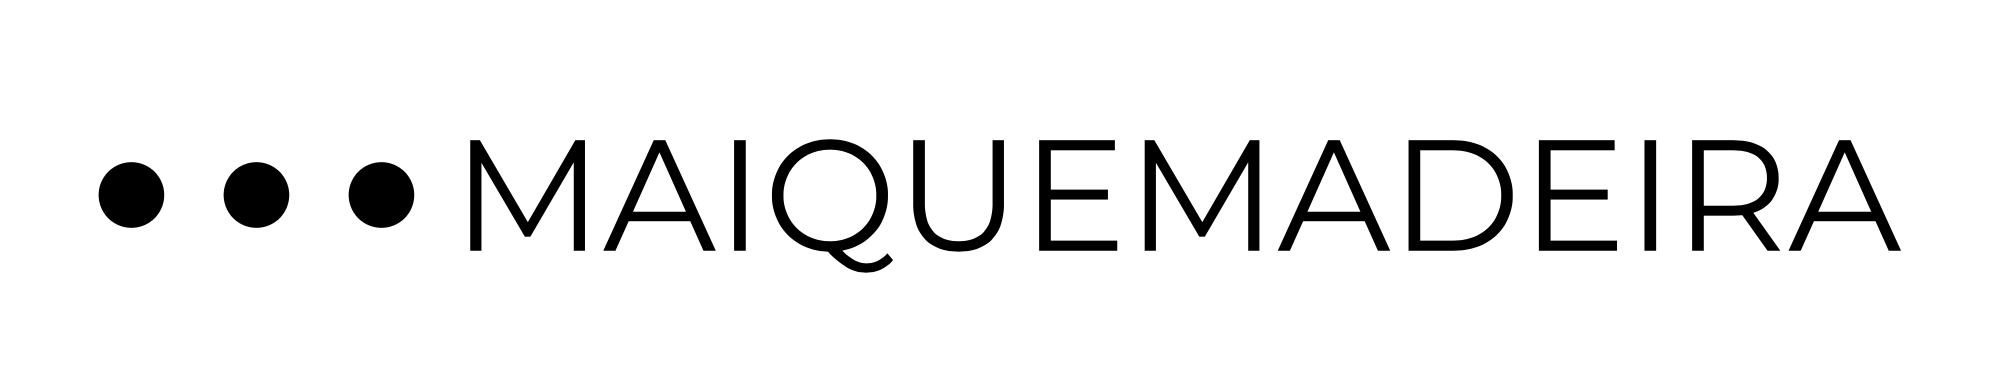 Maique Madeira